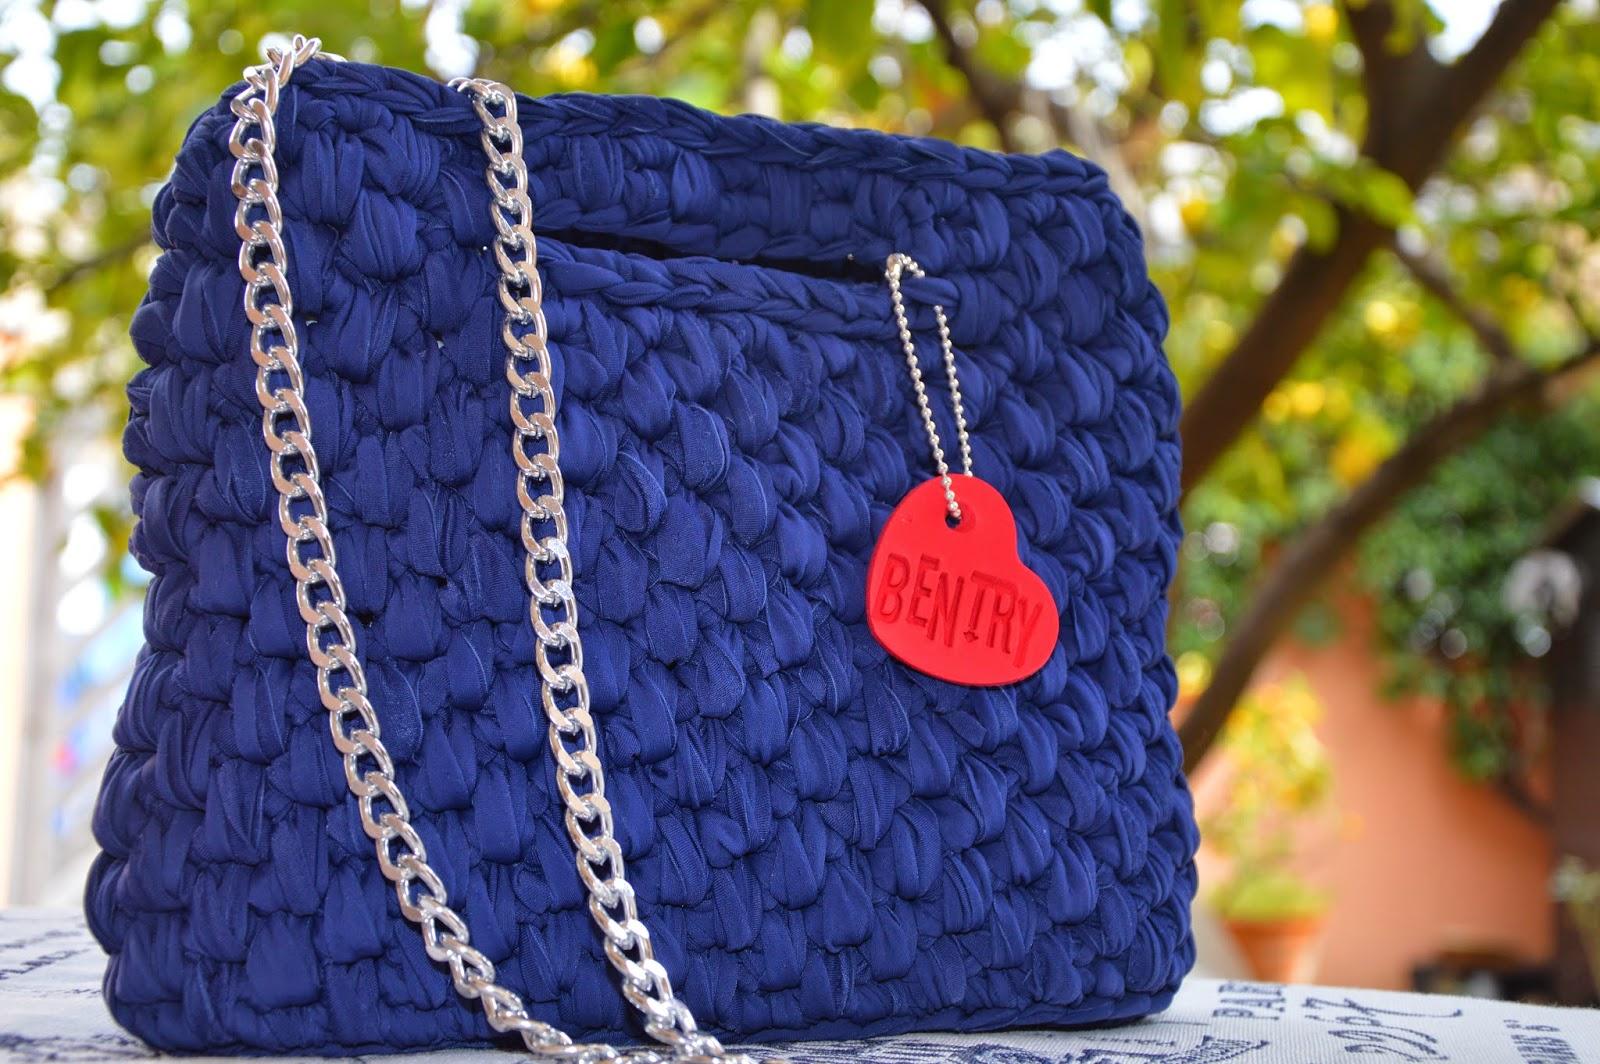 Borsa cotone lucido blu